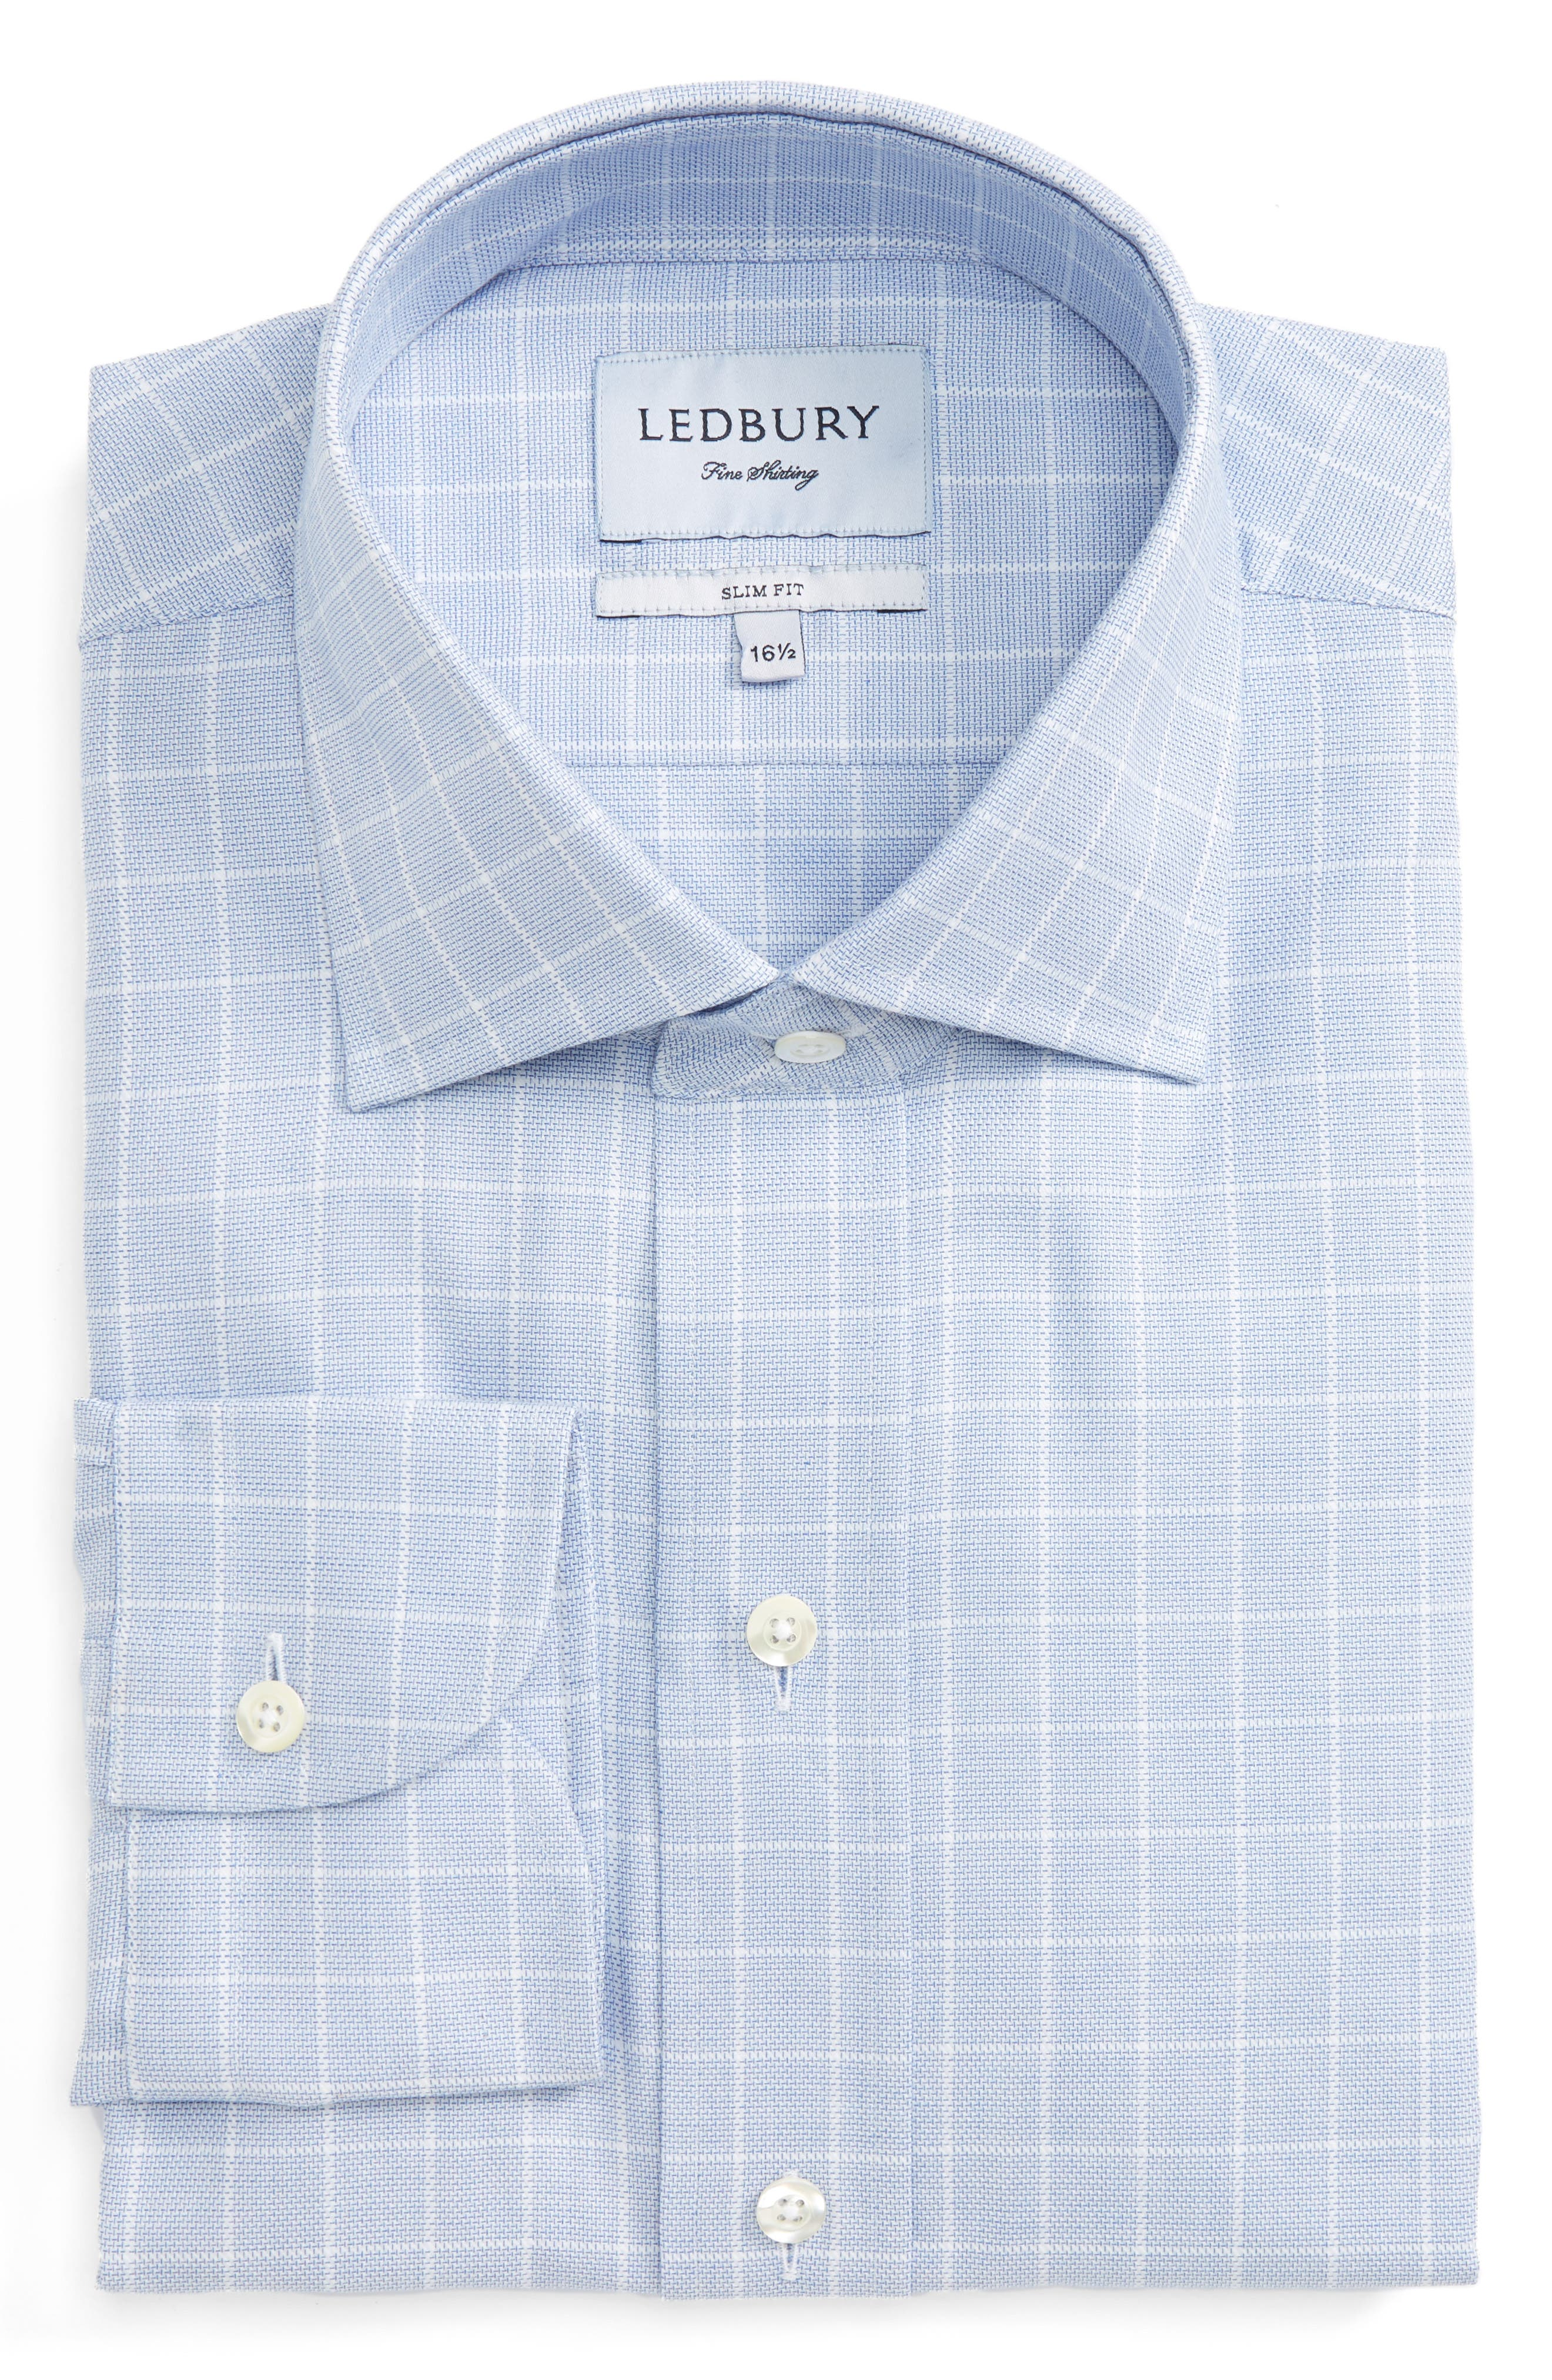 Ledbury Slim Fit Check Dress Shirt